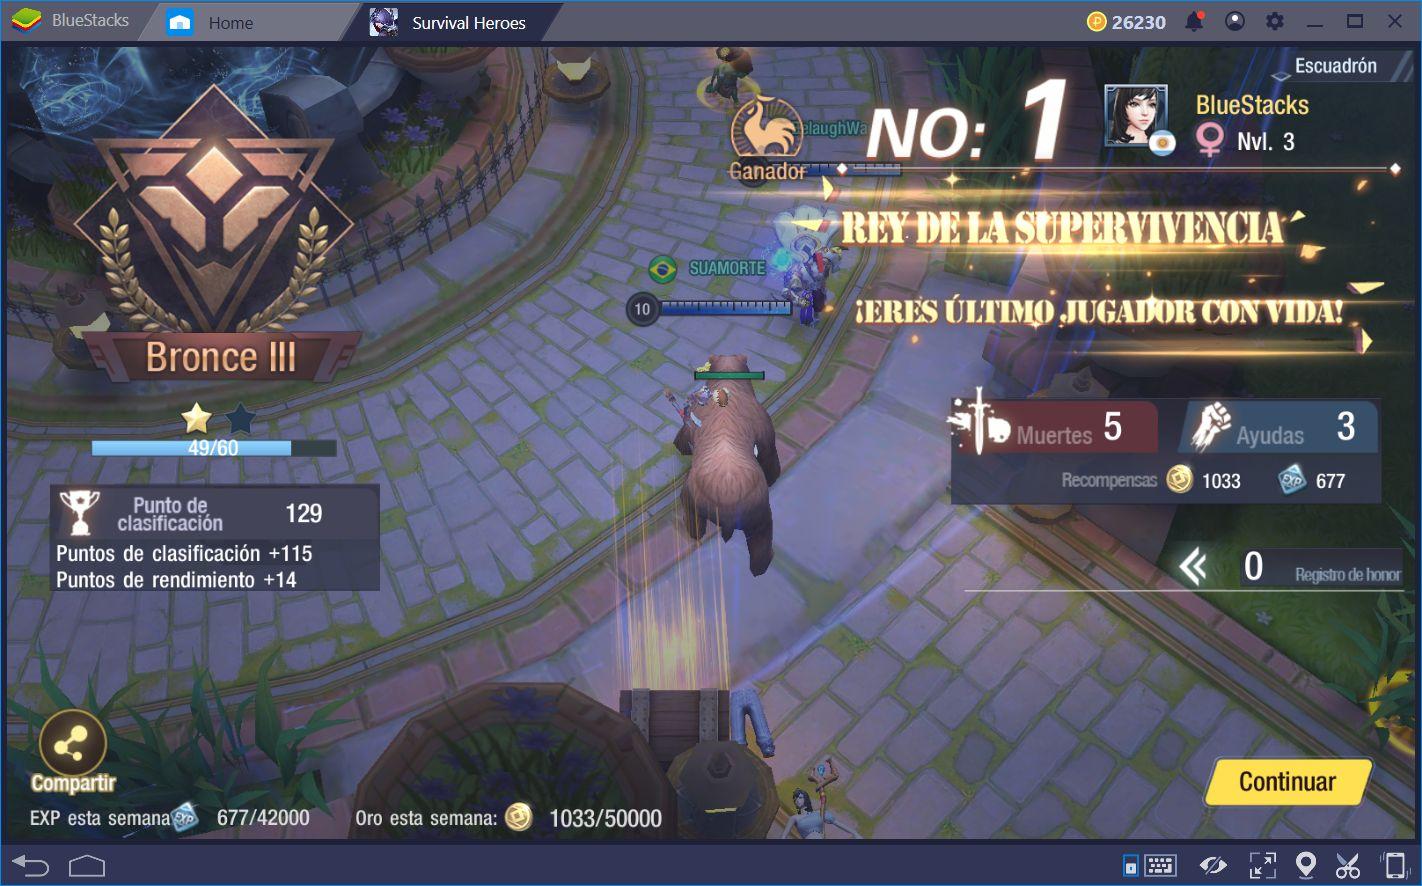 Estrategias Para Llegar al Top 10 Consistentemente en Survival Heroes